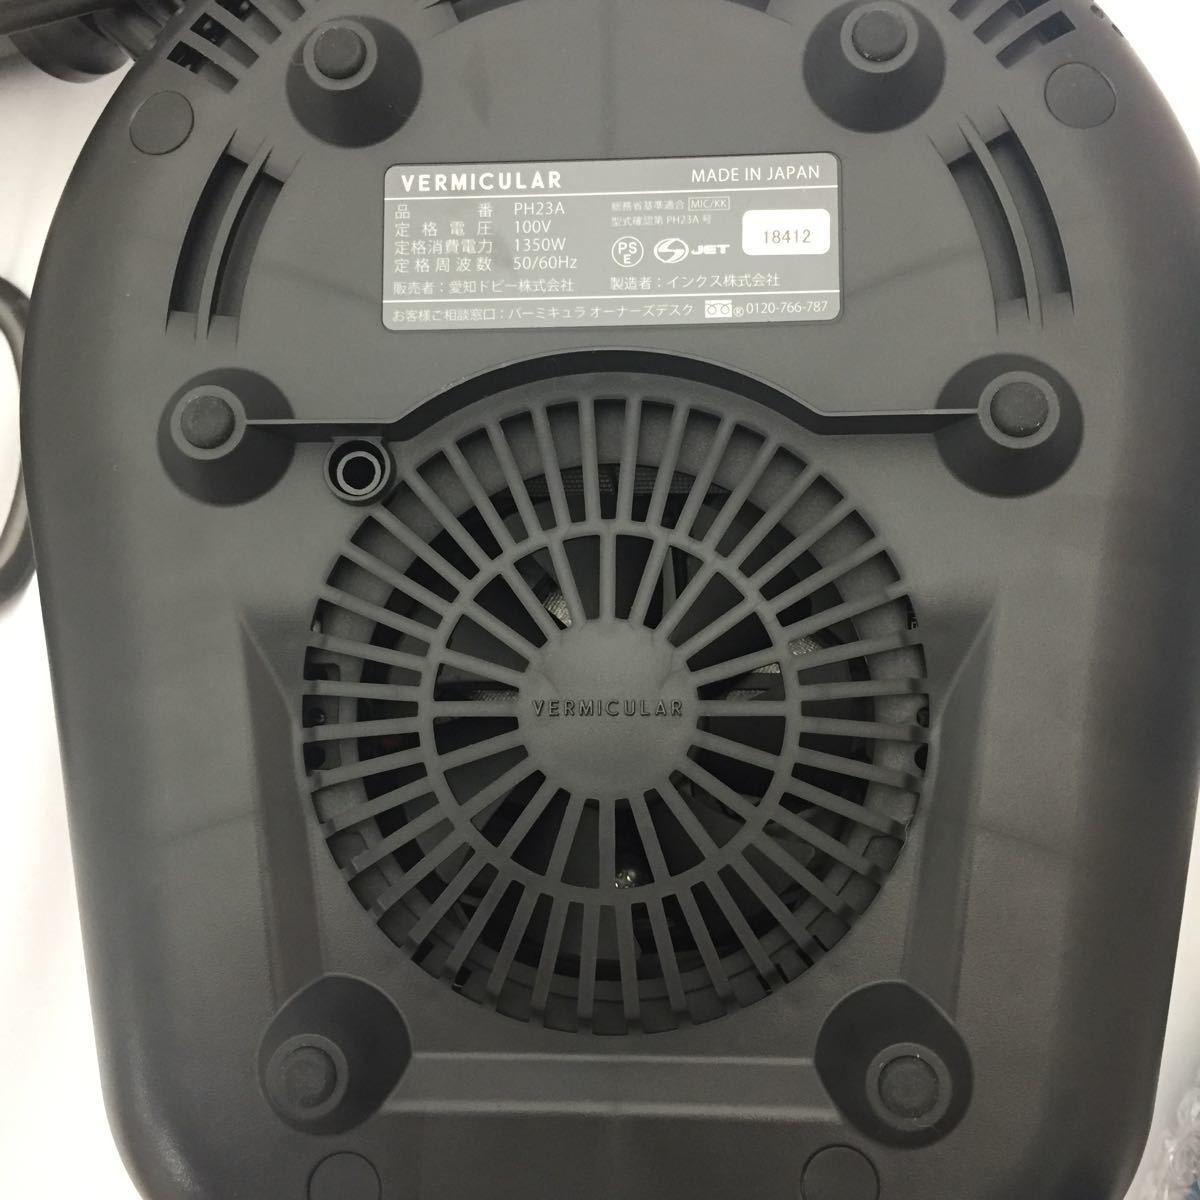 X104 バーミキュラー ライスポット 炊飯器 5号炊き RP23A-GY トリュフグレー 美品_画像5